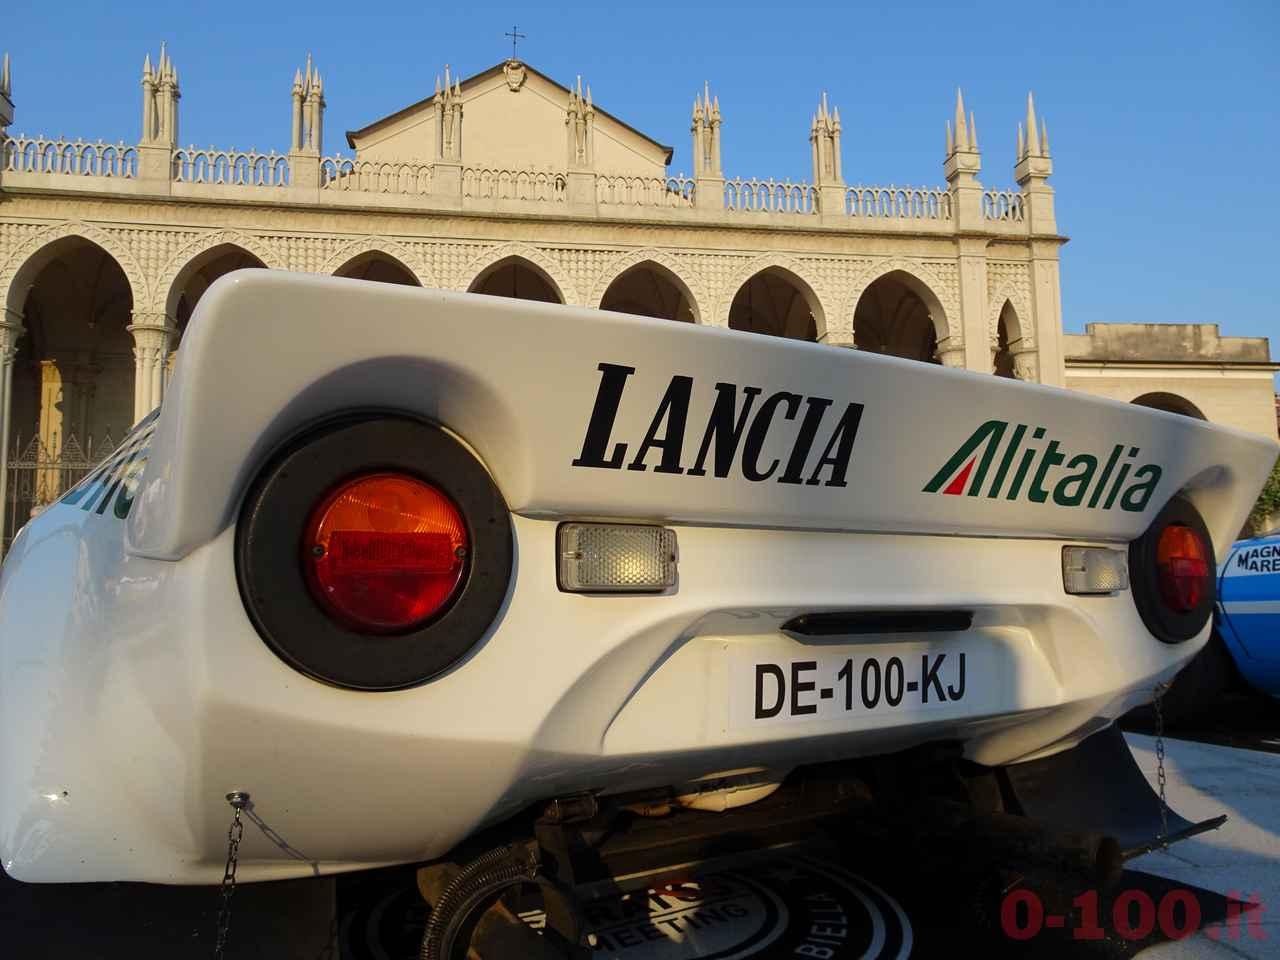 lancia_stratos_world-.stratos_meeting_biella_zenith_el_primero_0-10073